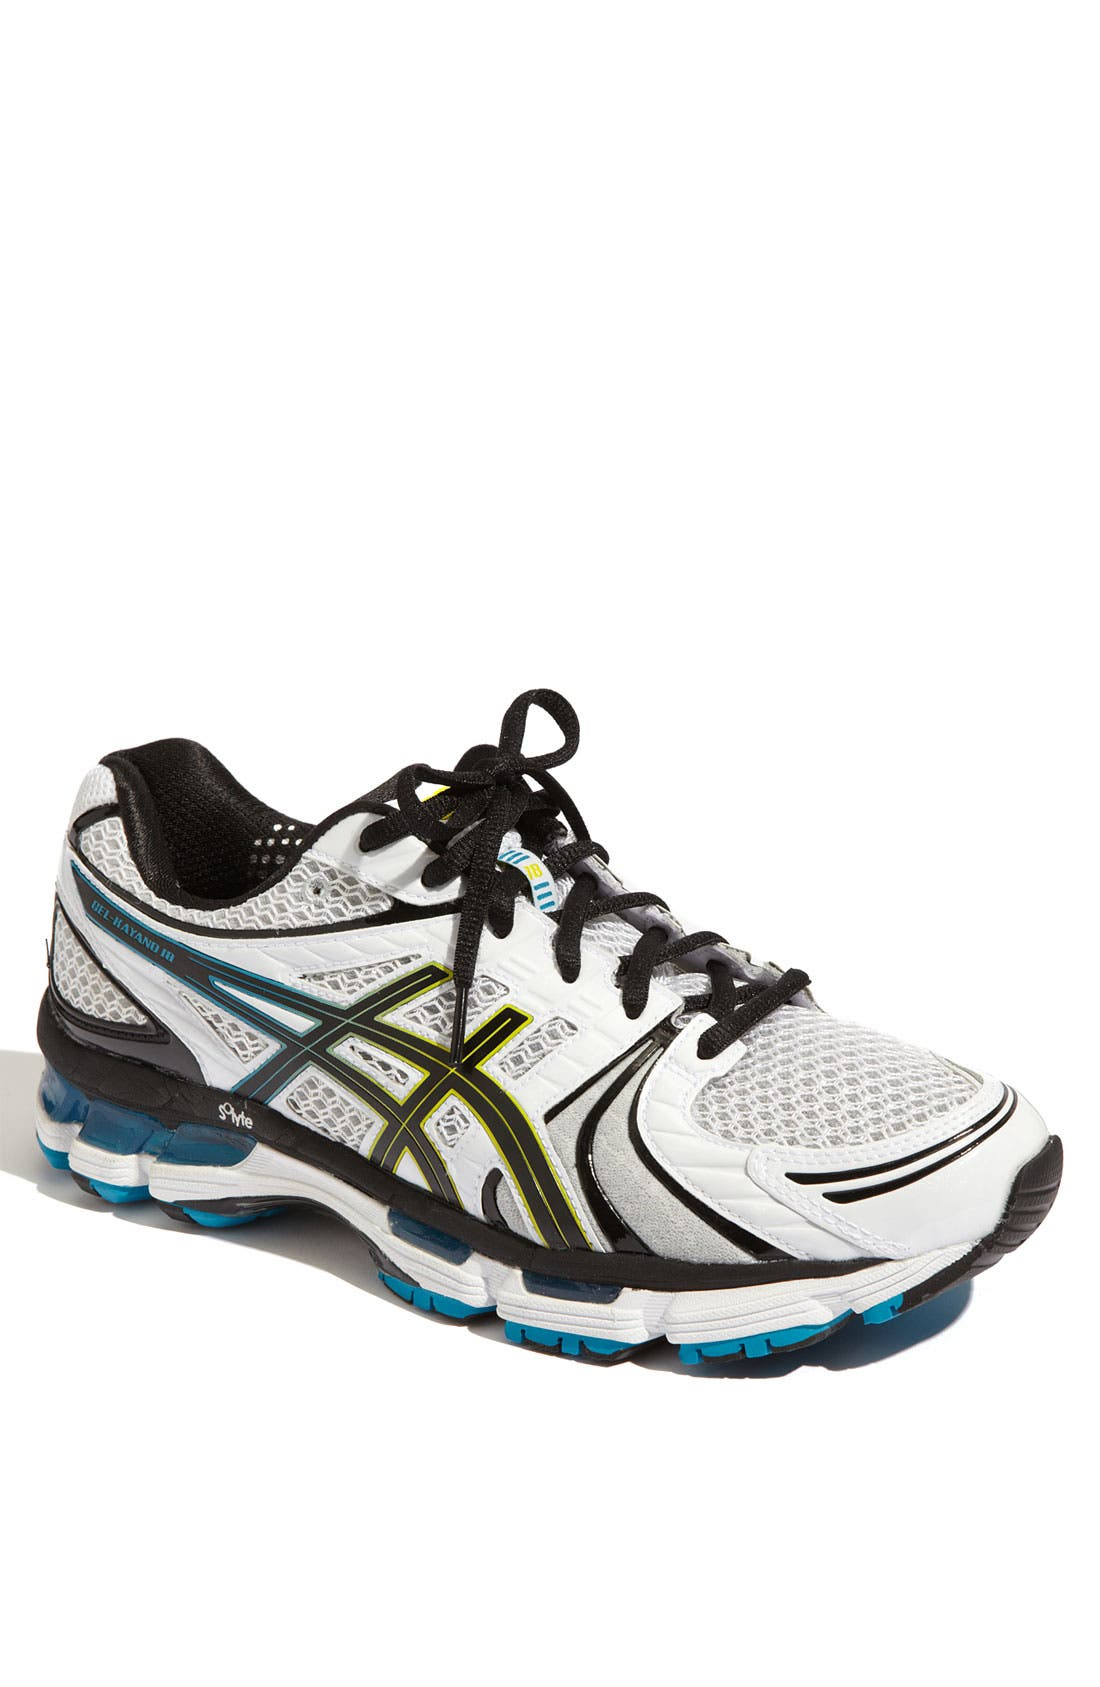 Alternate Image 1 Selected - ASICS® 'GEL-Kayano® 18' Running Shoe (Men)